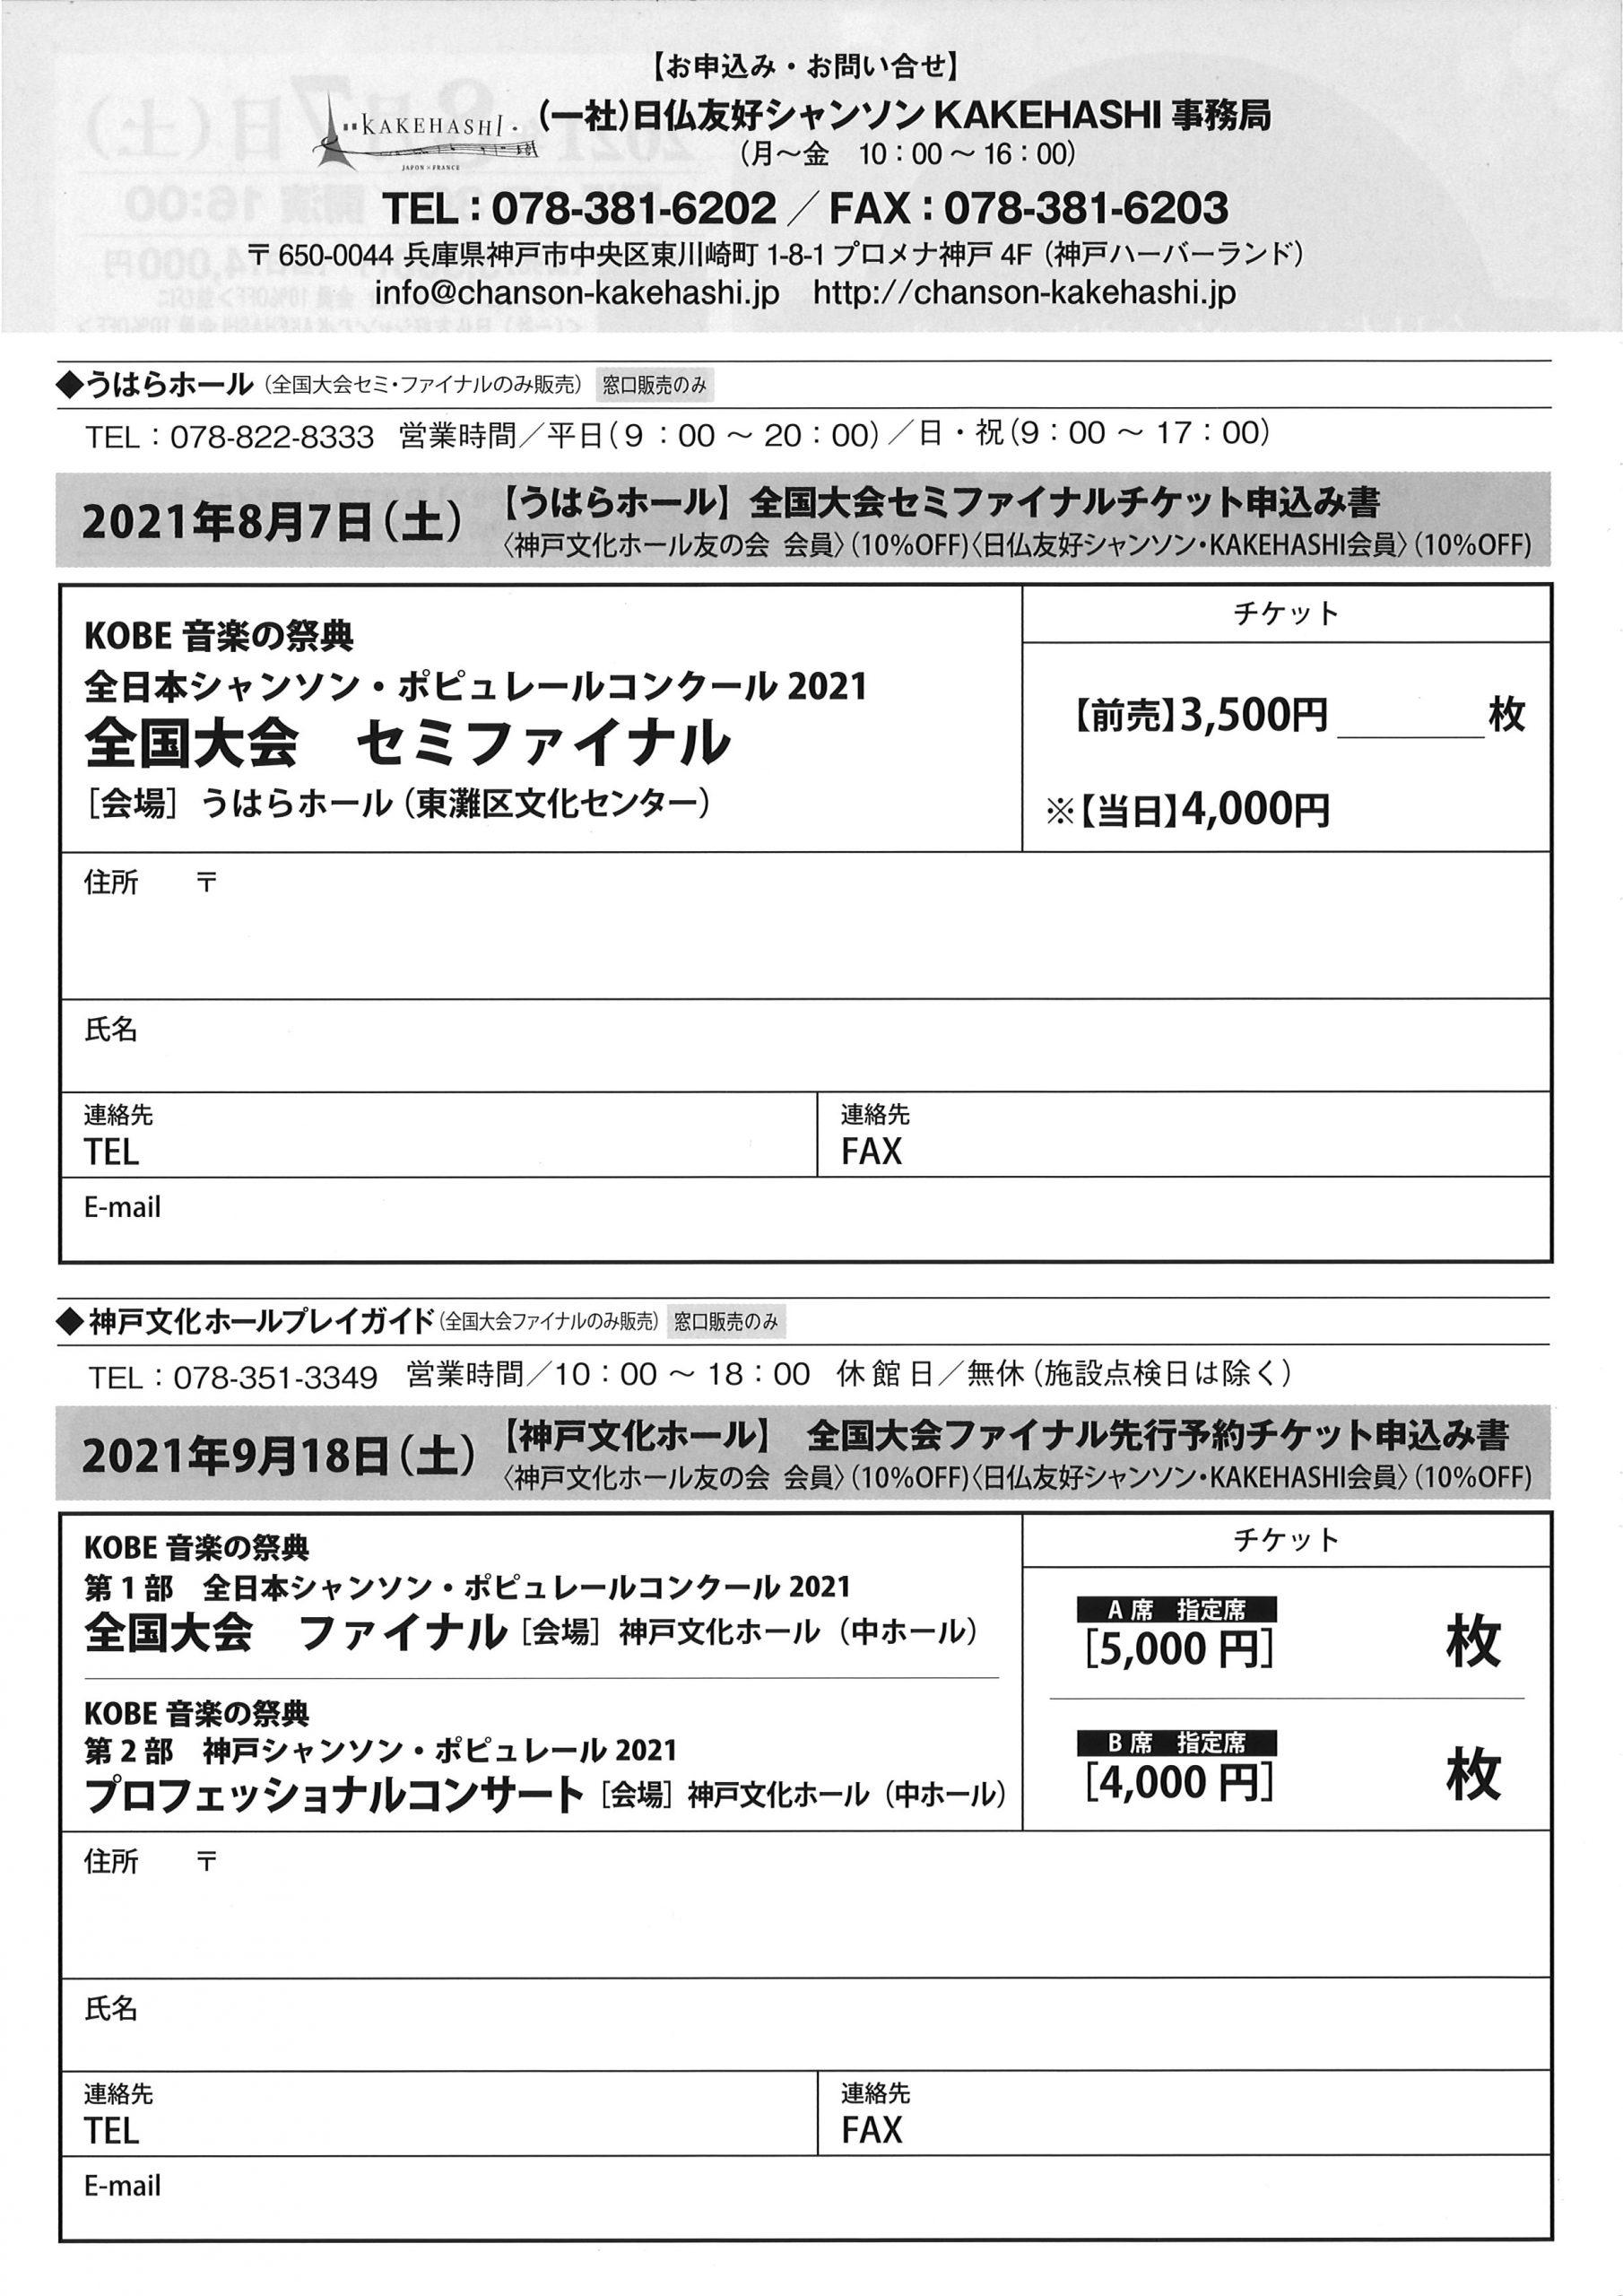 セミファイナル2021.jpg